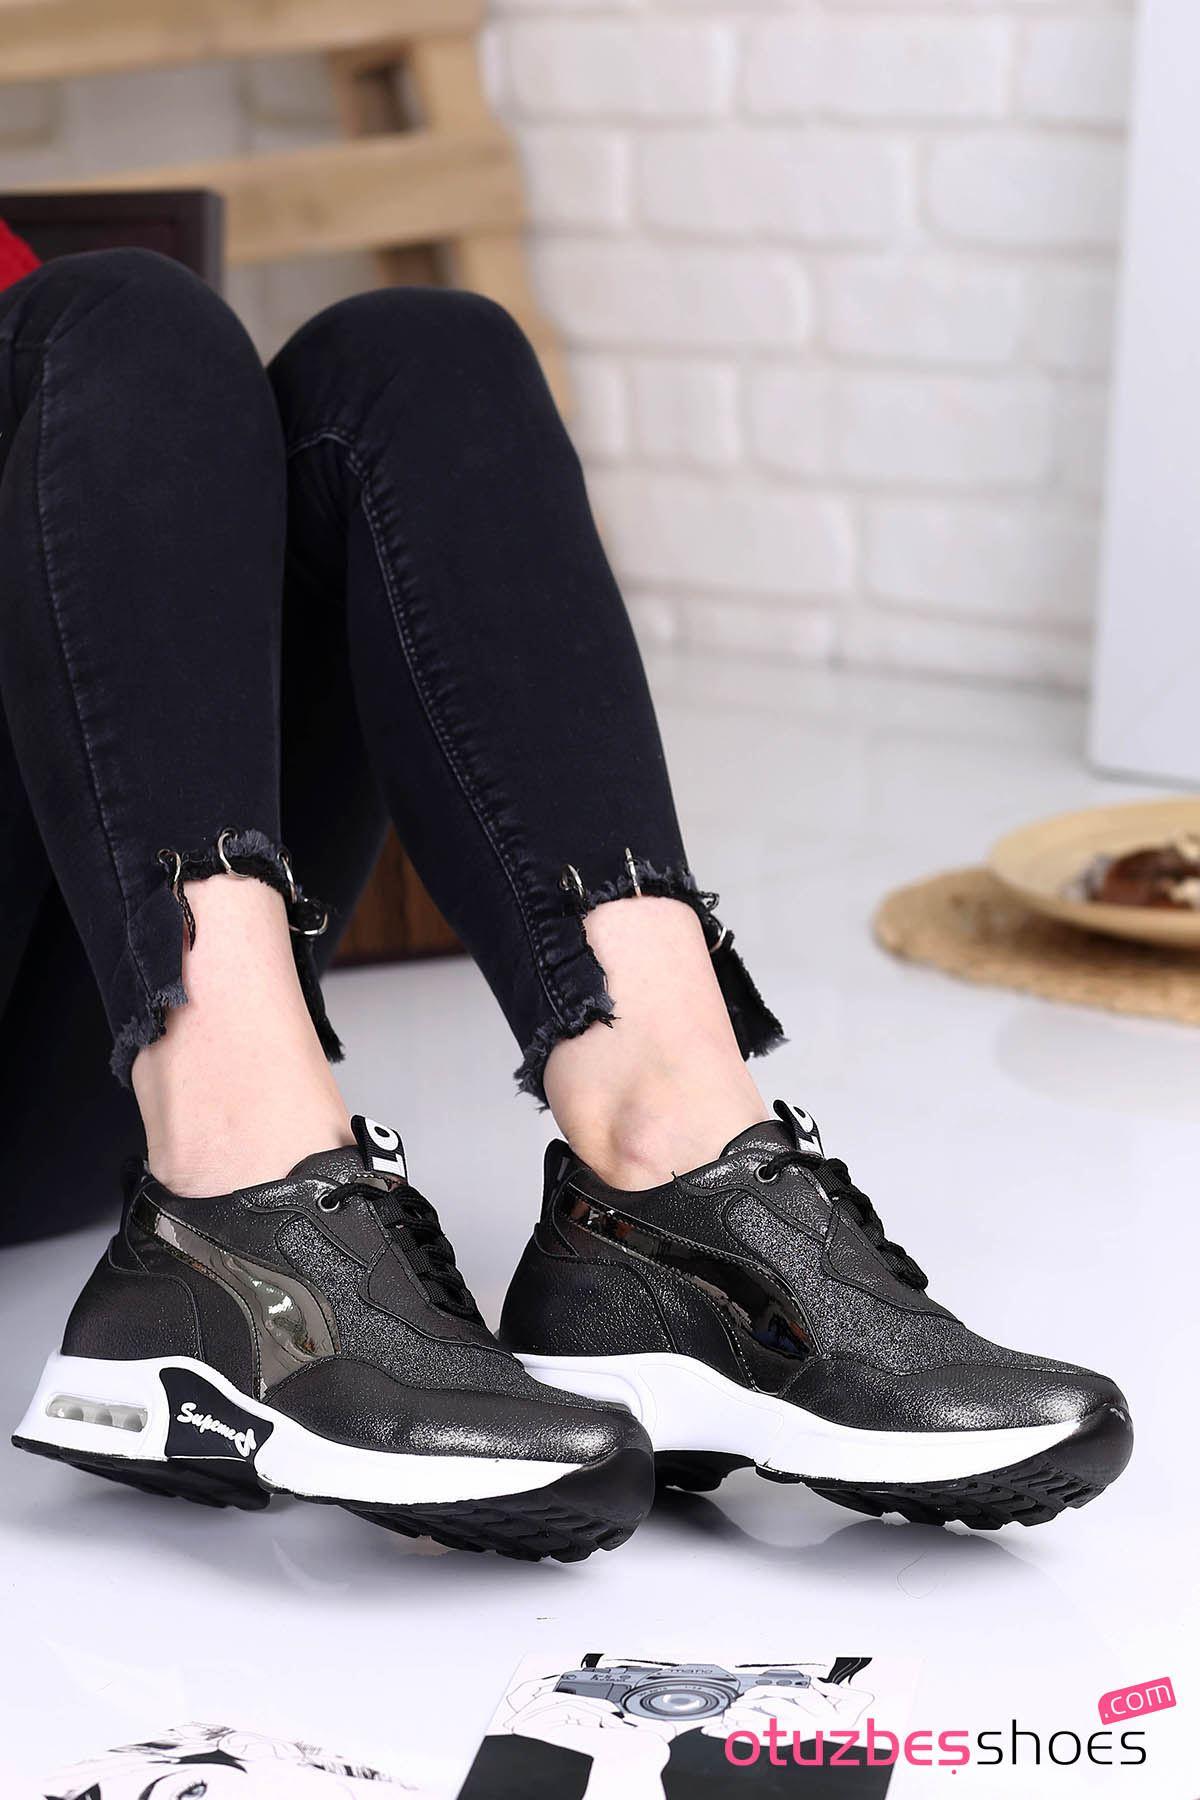 Sonoo Hava Tabanlı Etiket Detaylı Kadın Spor Ayakkabı Platin